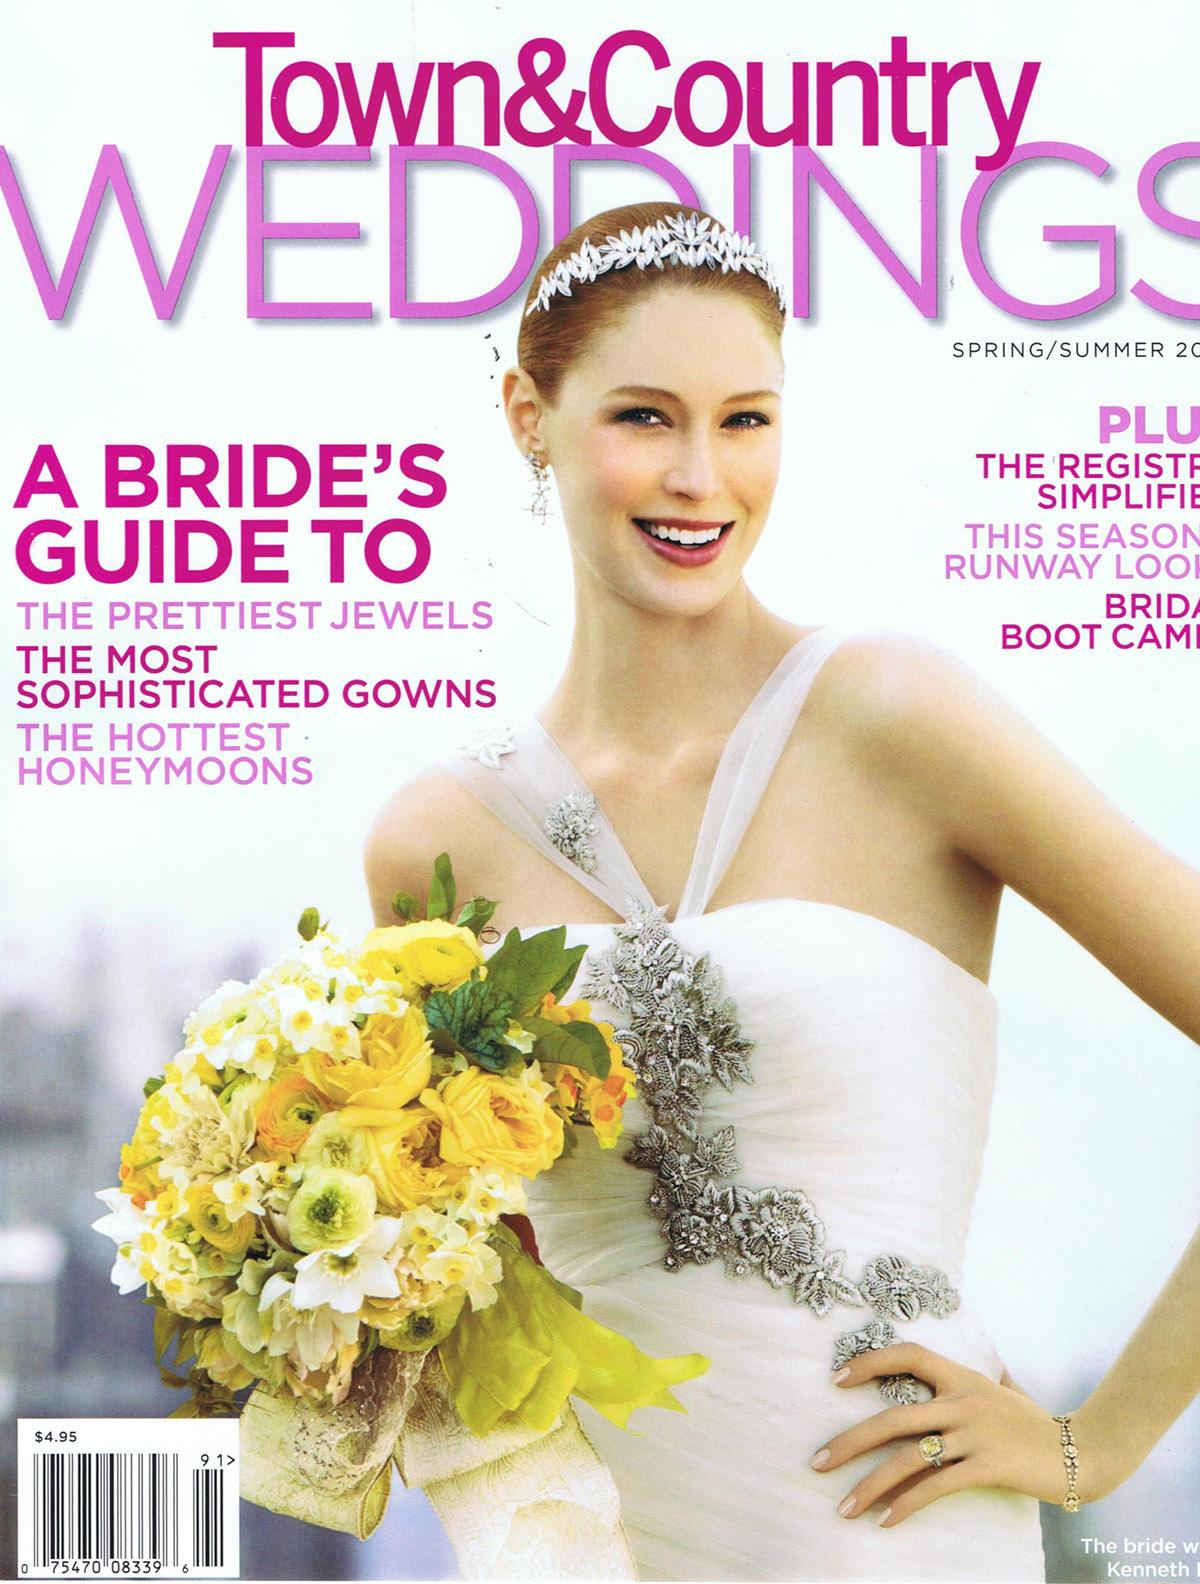 T&C WEDDINGS Spring & Summer 2009 p1 - edit 3.jpg